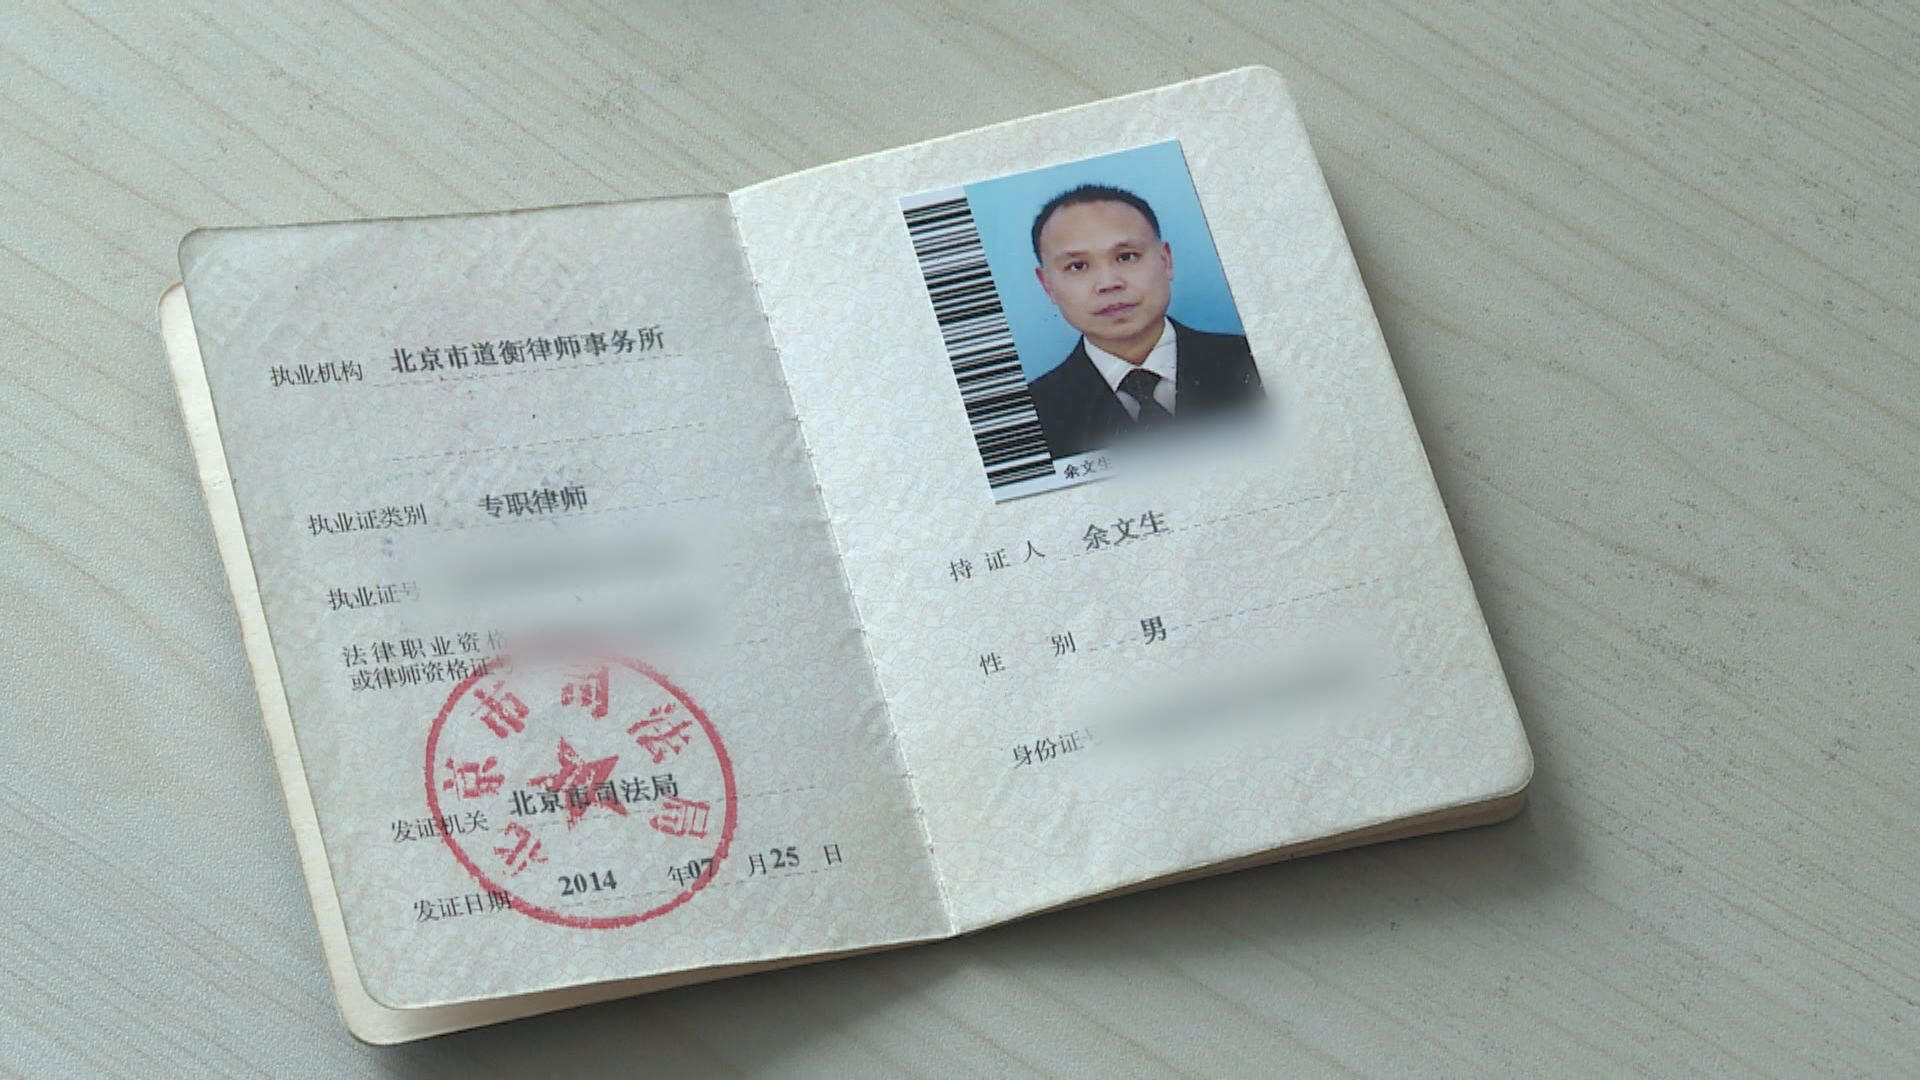 內地維權律師余文生煽動顛覆國家罪成 判囚四年